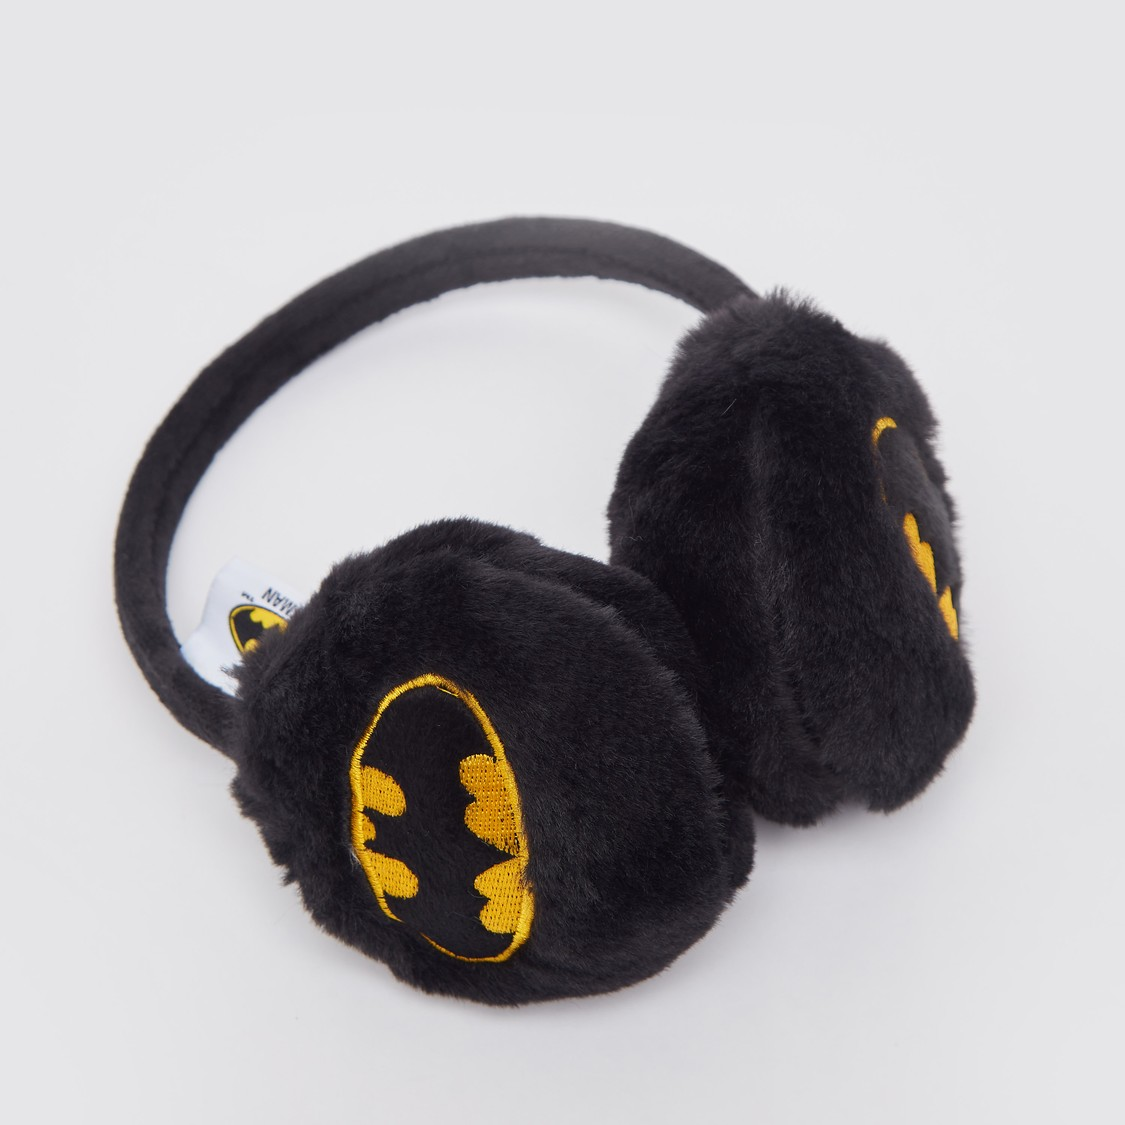 غطاء للأذنين بتصميم شعار باتمان